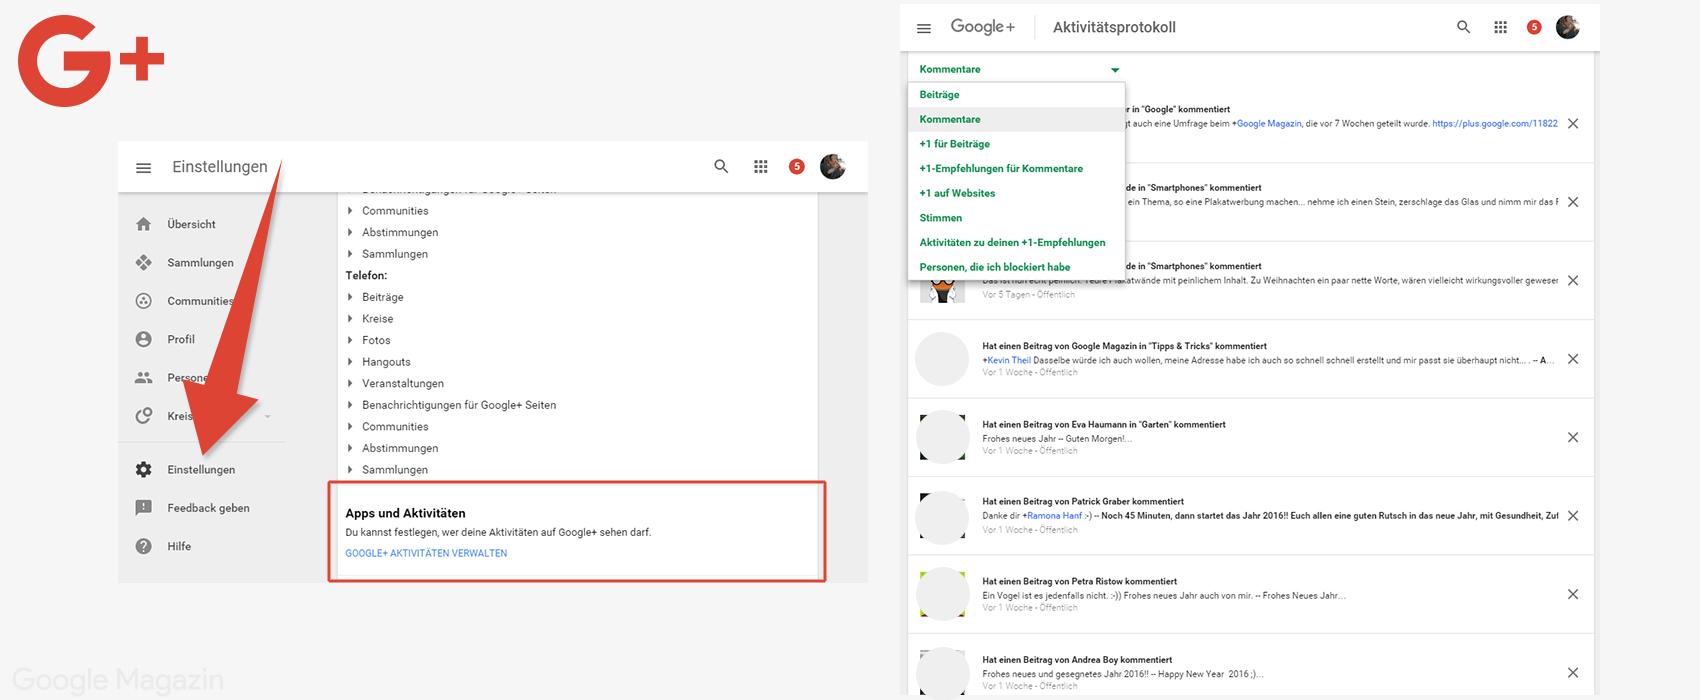 google plus aktivitätsprotokoll